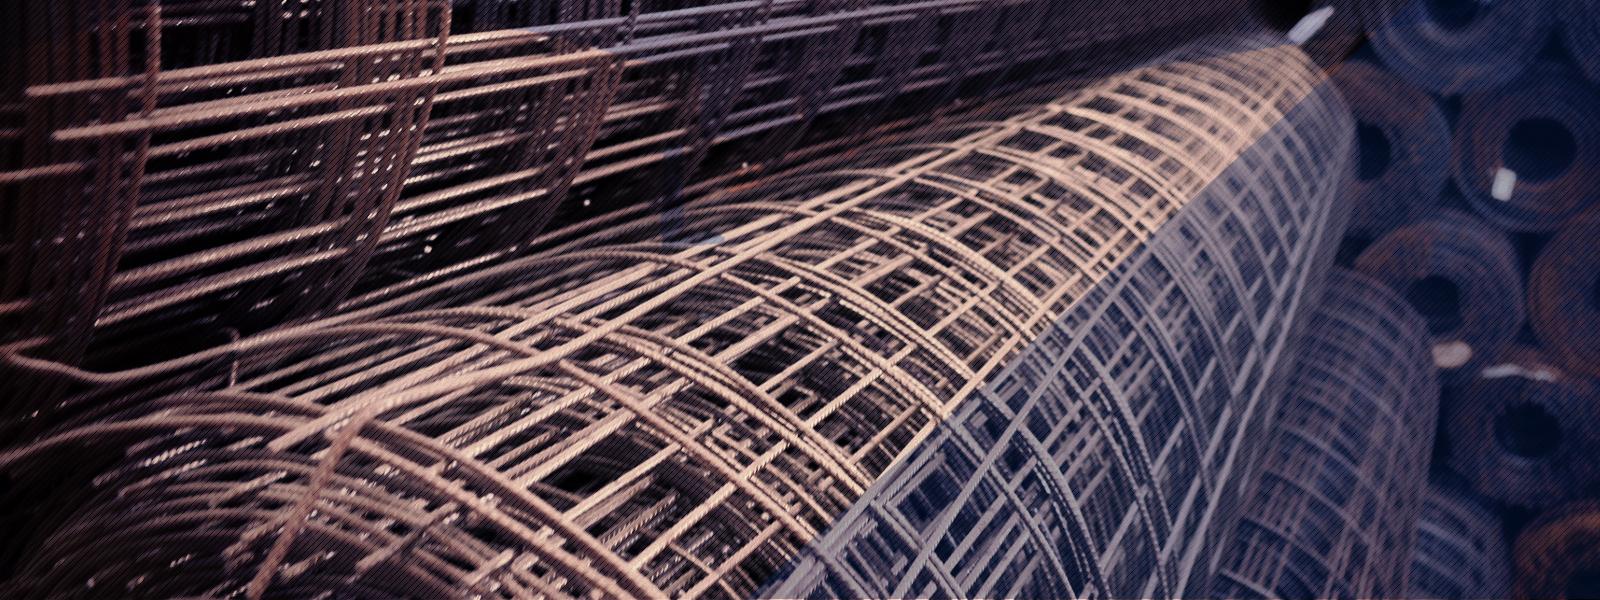 Grupo granada materiales para construcci n cementantes - Material de construccion ...